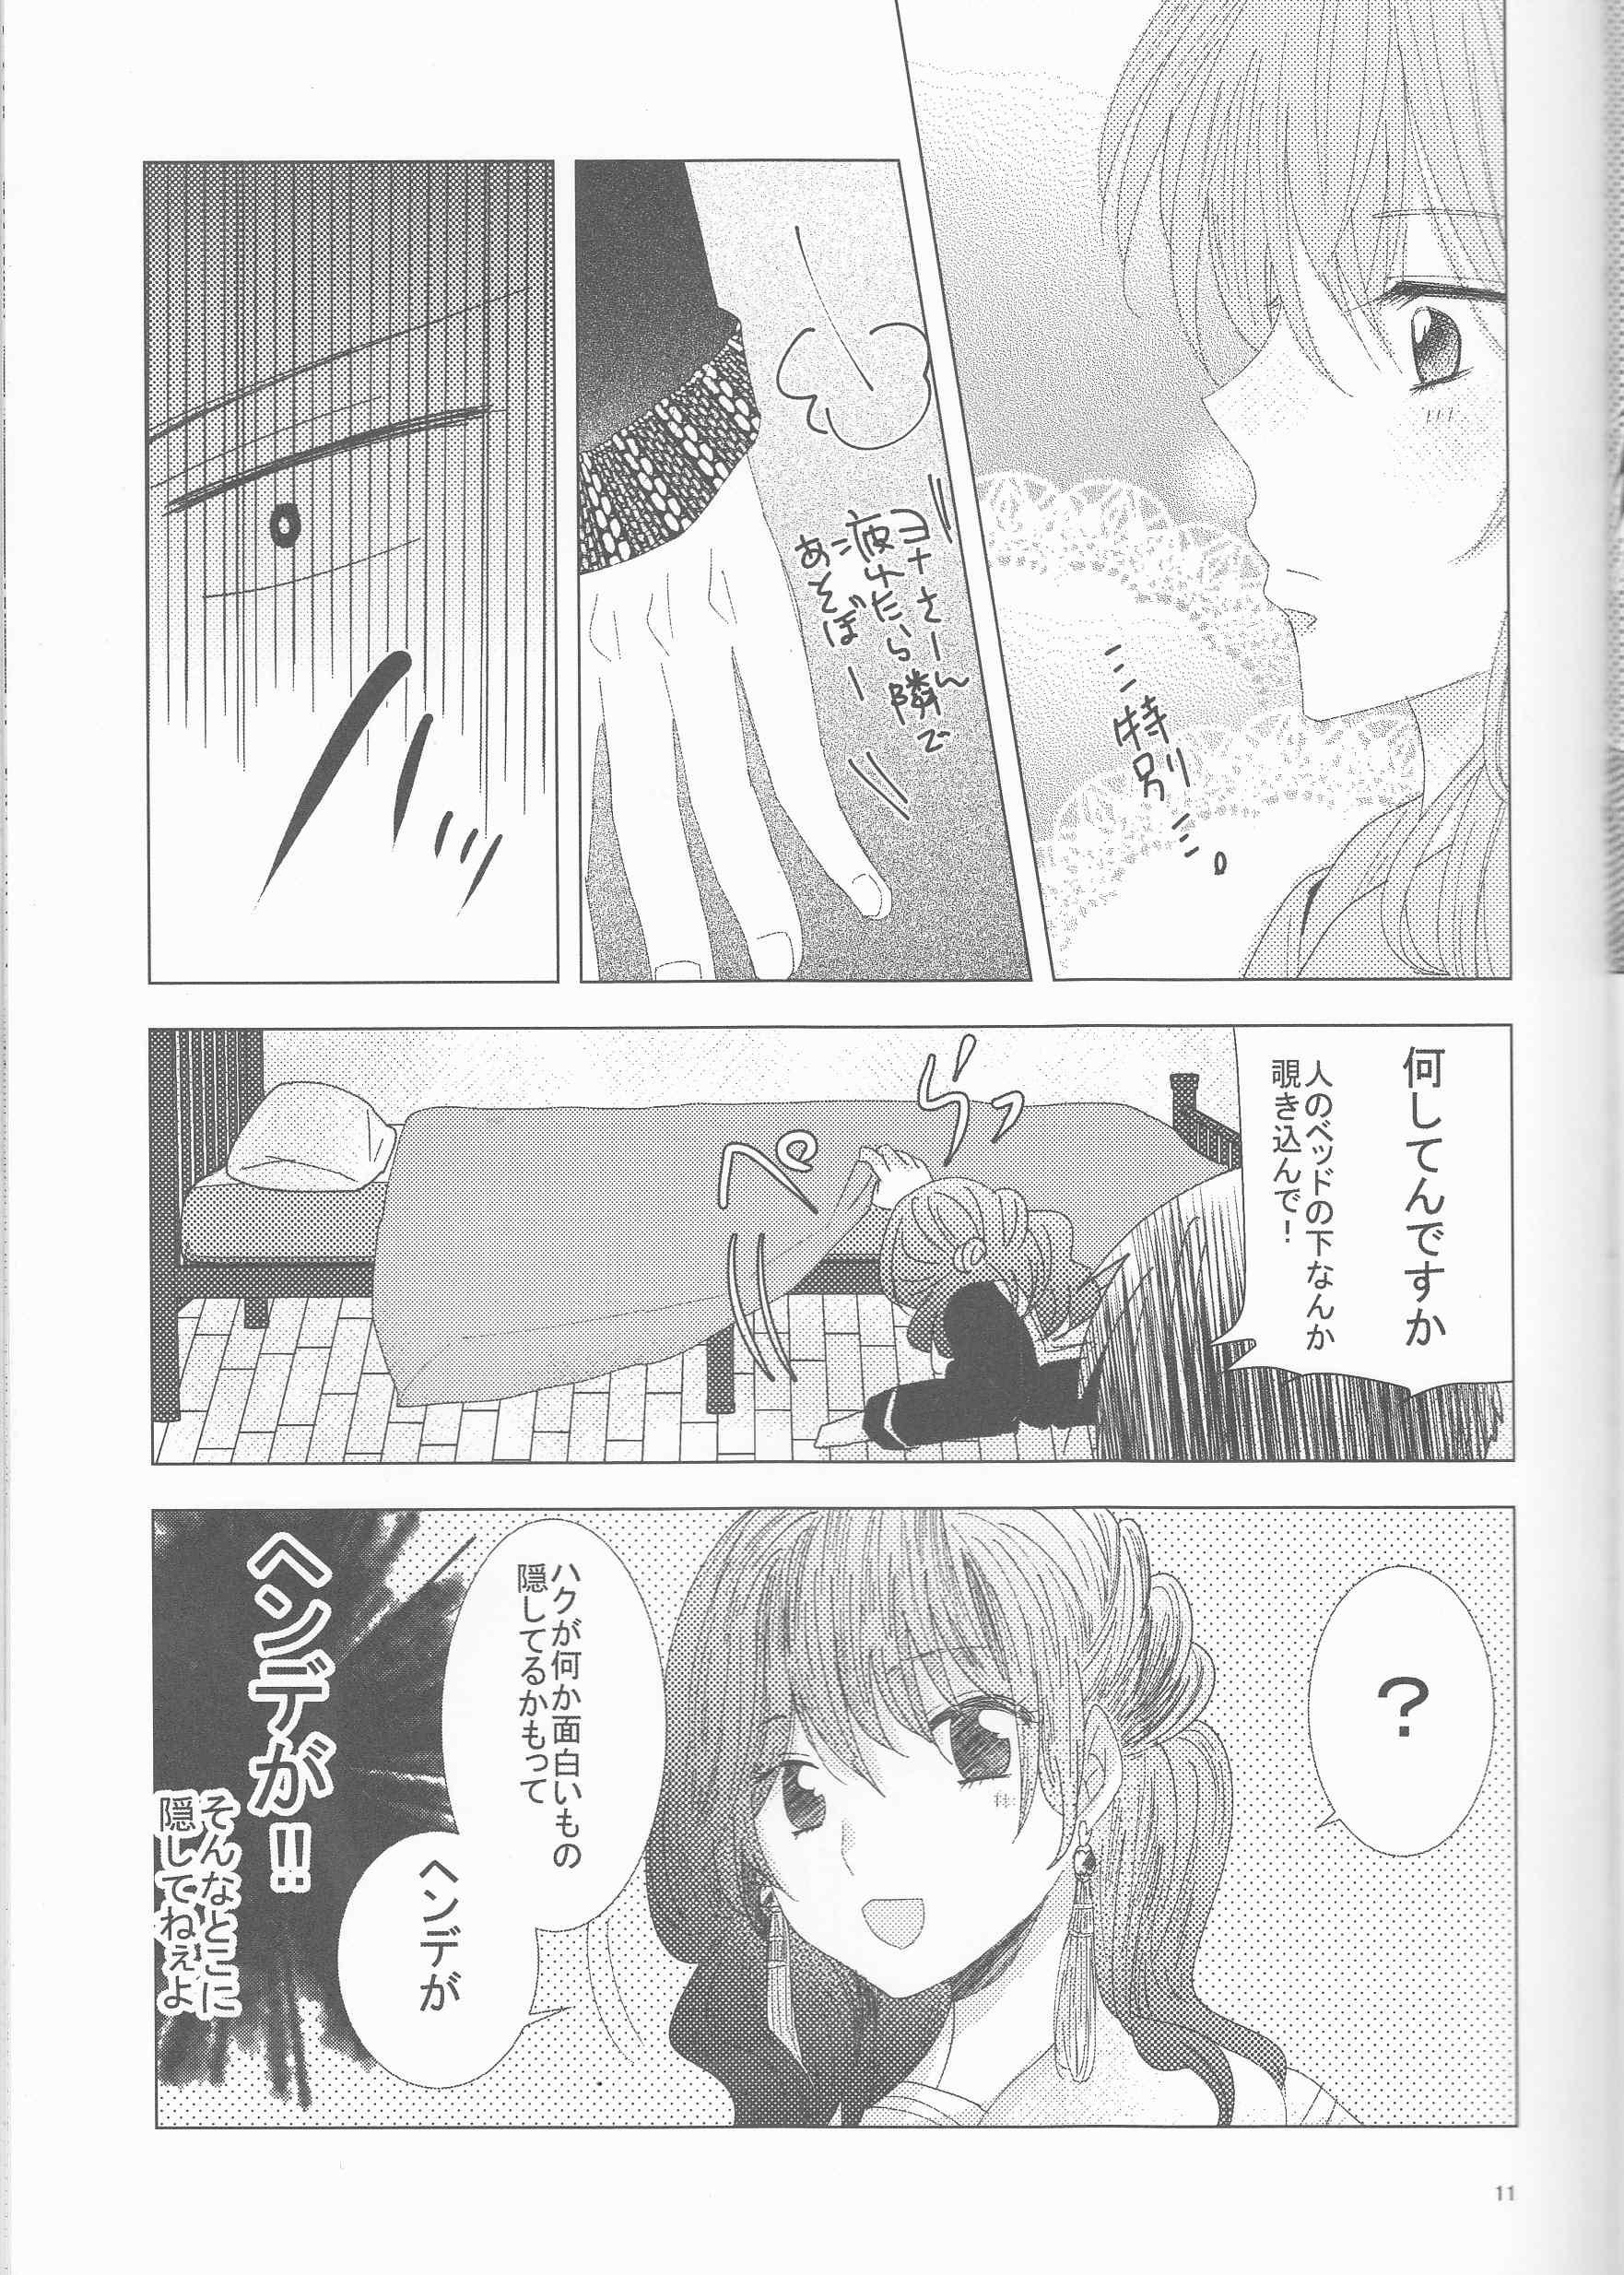 教えて STUDY (暁のヨナ) (11)